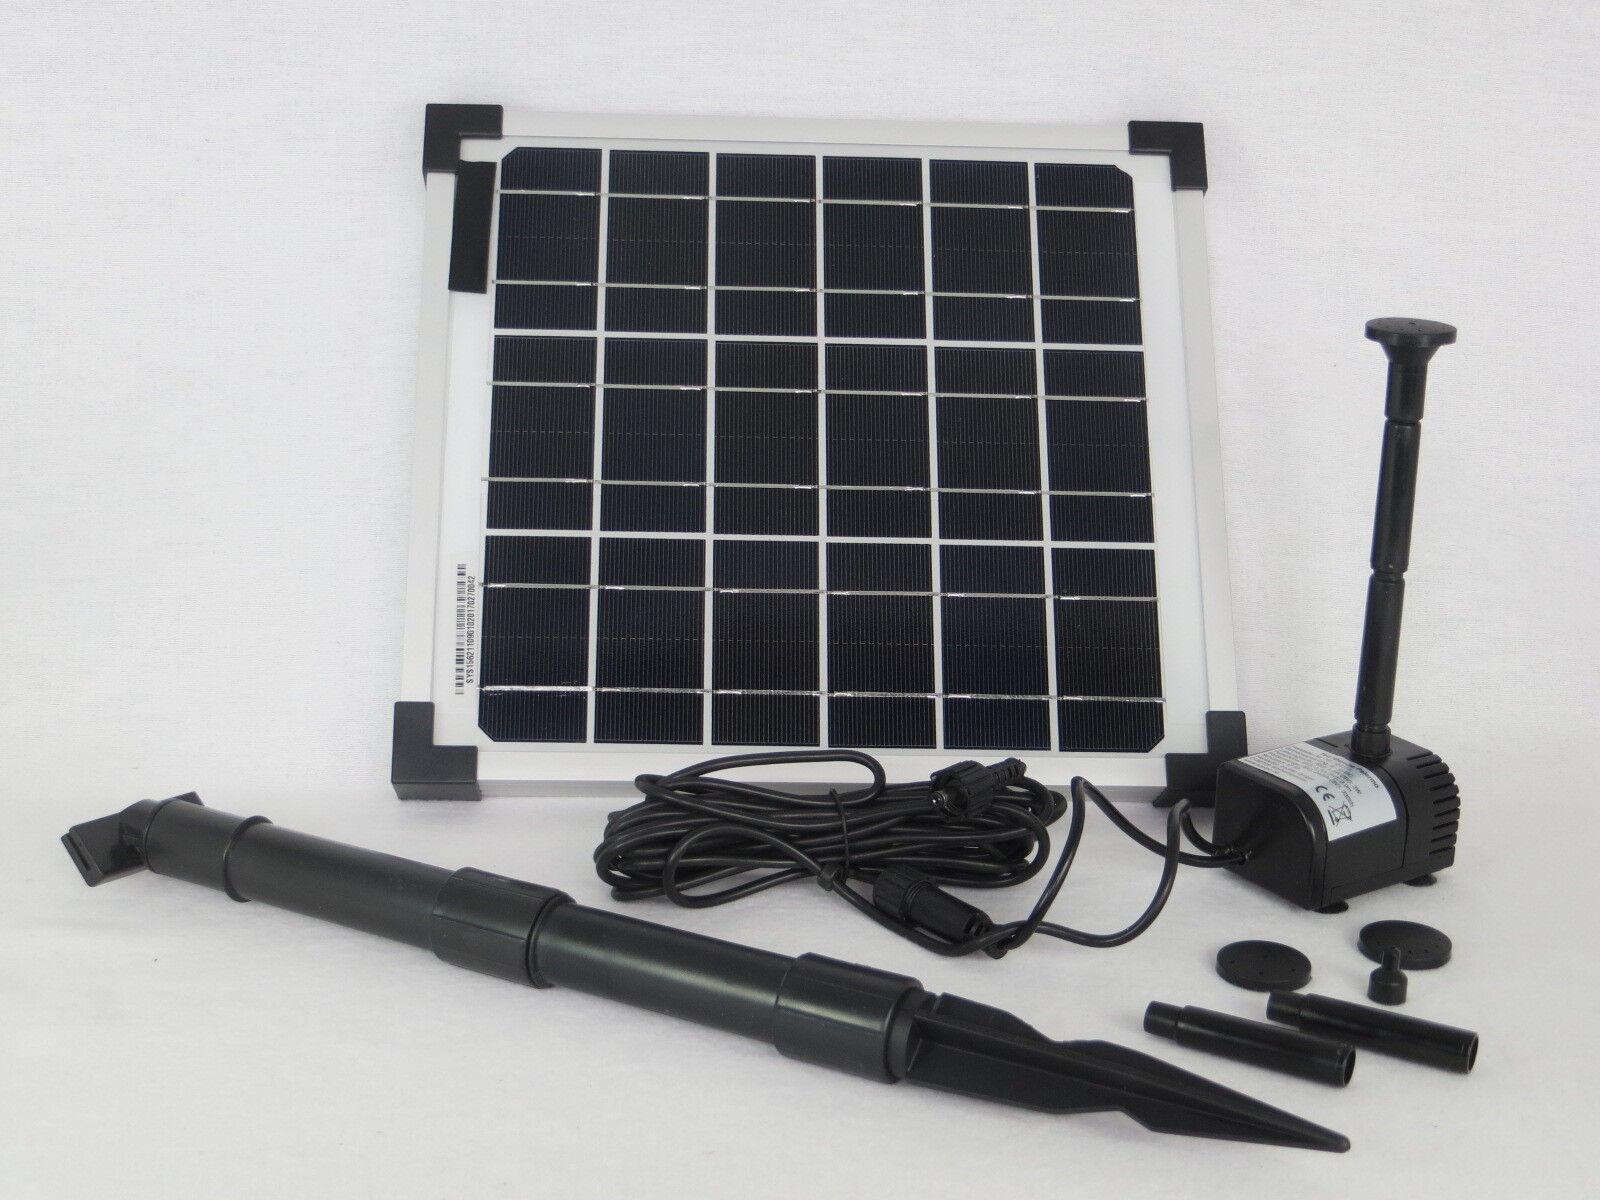 10 Watt Solarpumpe Teichpumpe Solar Tauchpumpe  Pumpenset Gartenteichpumpe Pumpe